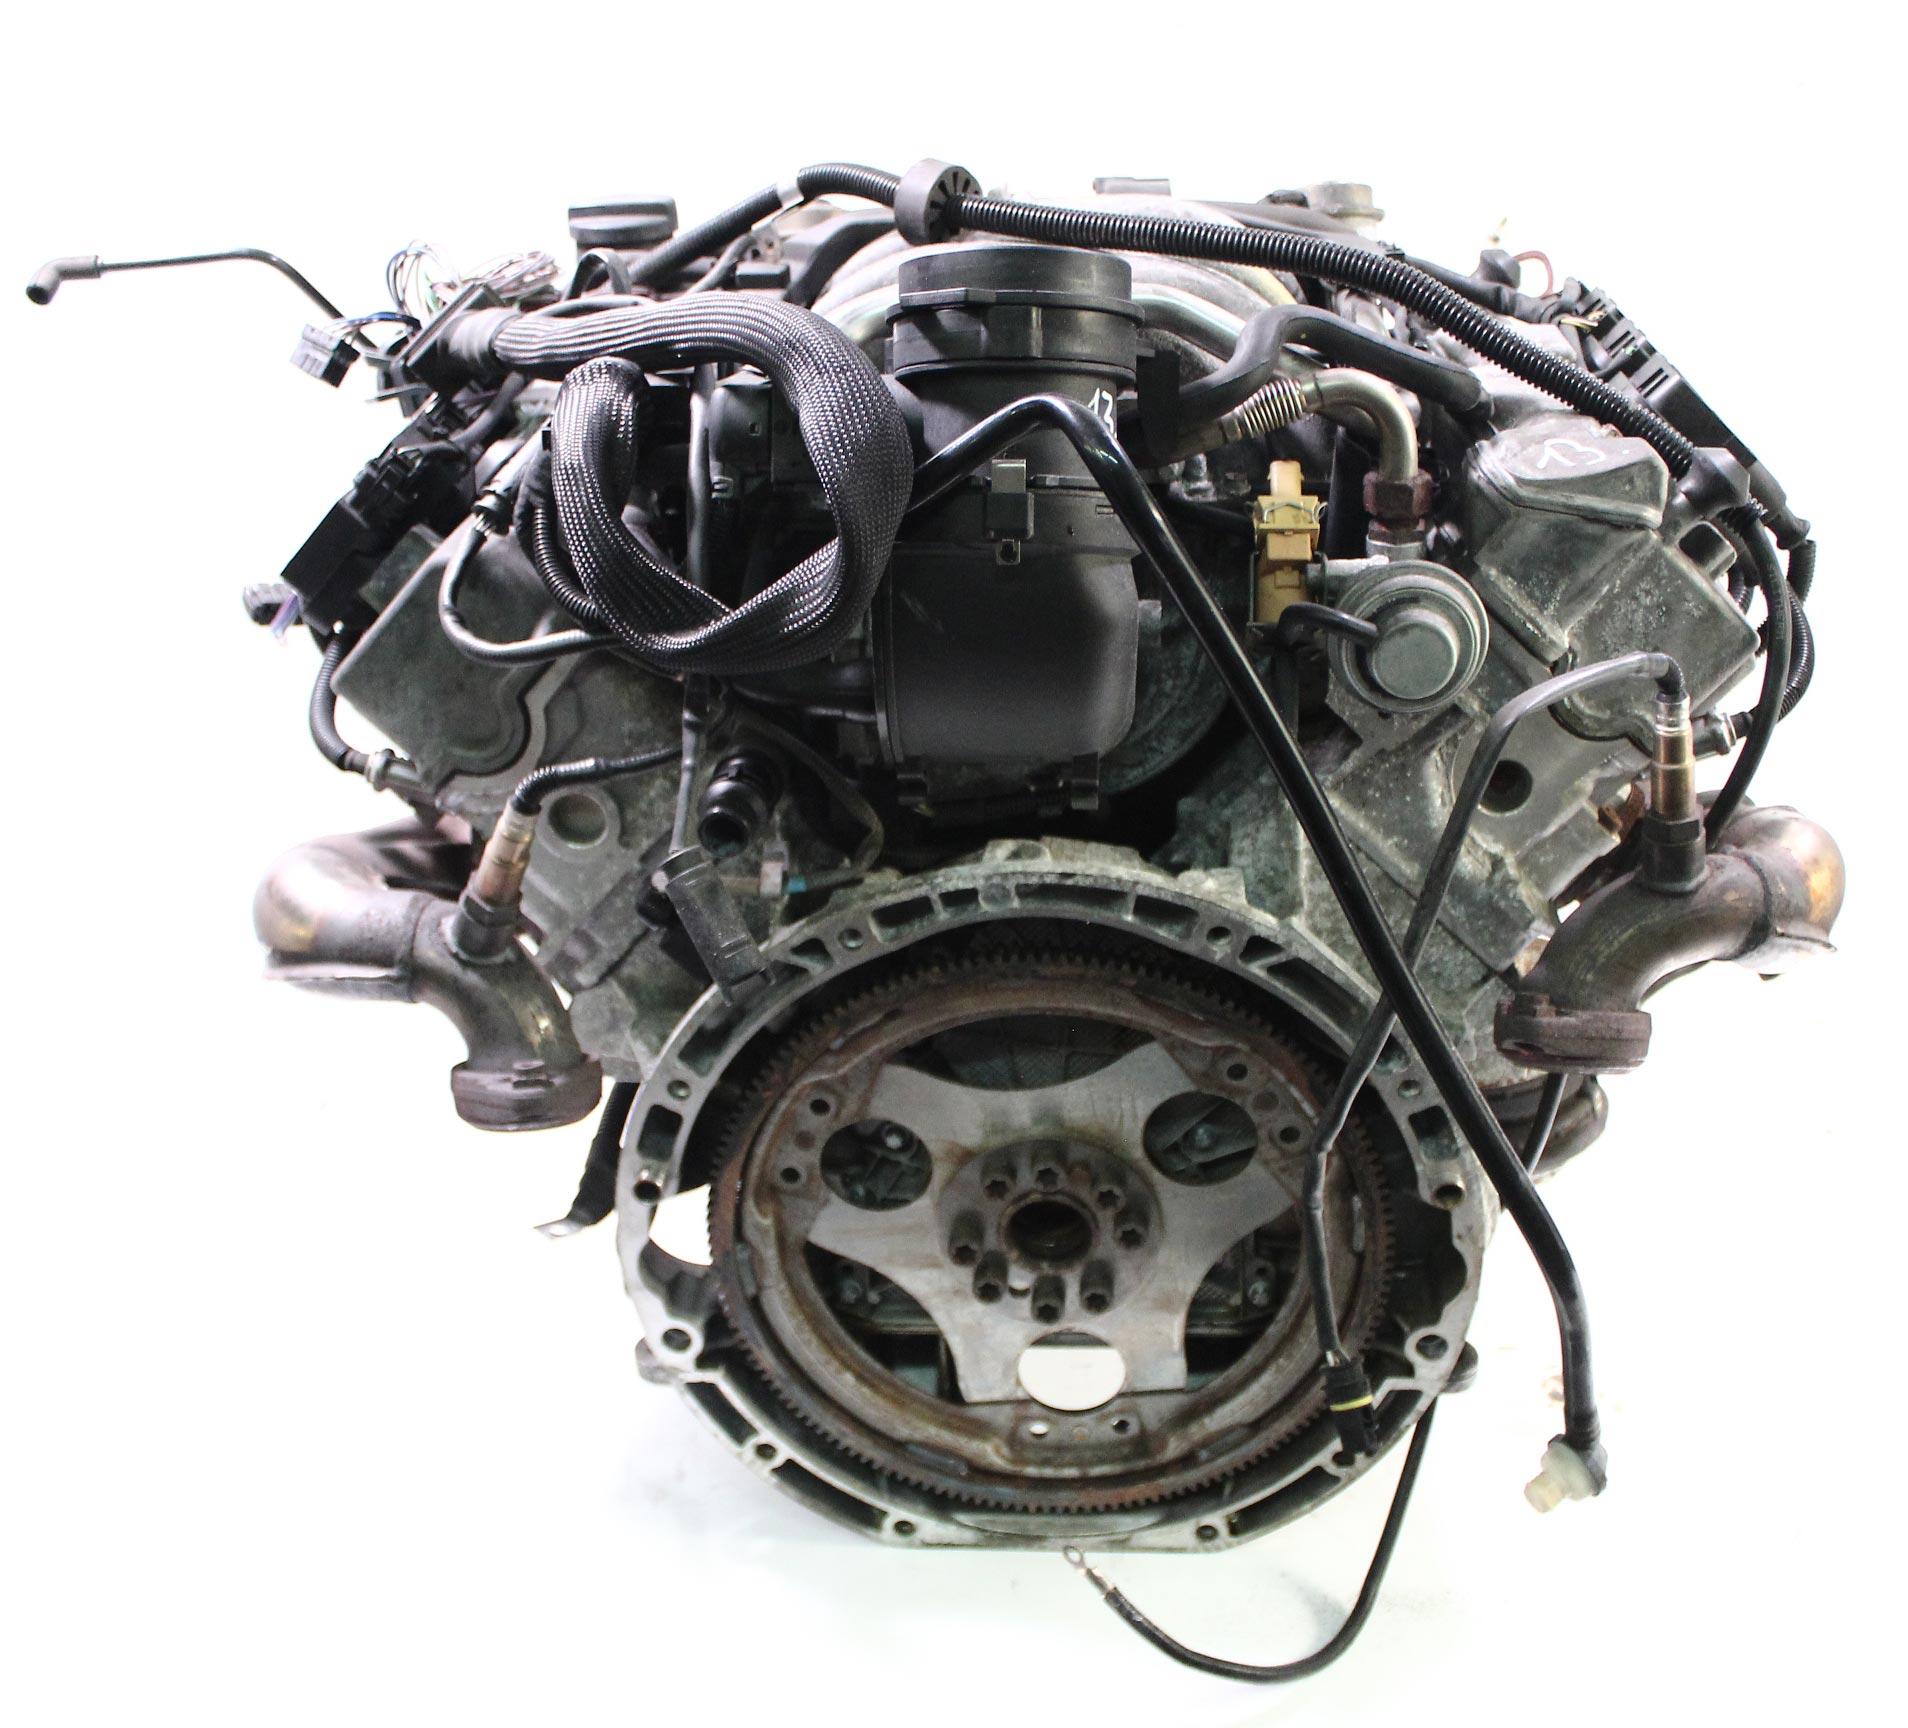 Motor 2004 Chrysler Crossfire 3,2 Benzin EGX 112.947 218 PS